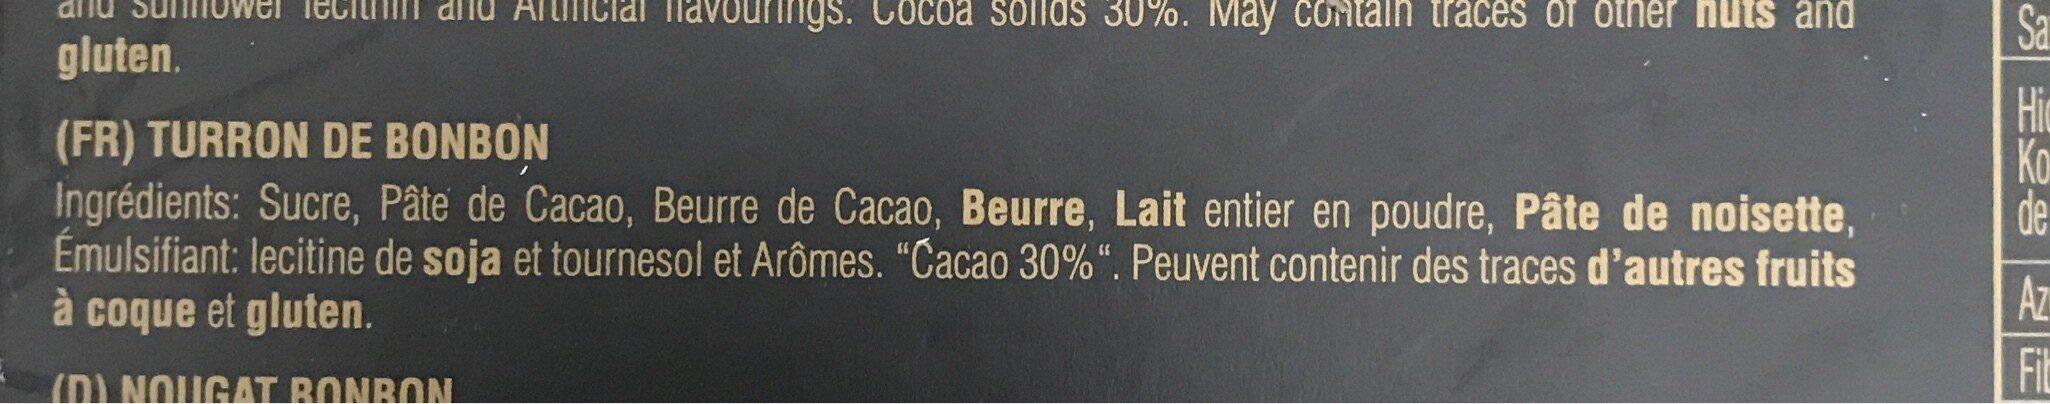 Turrón Bombón - Ingrédients - fr